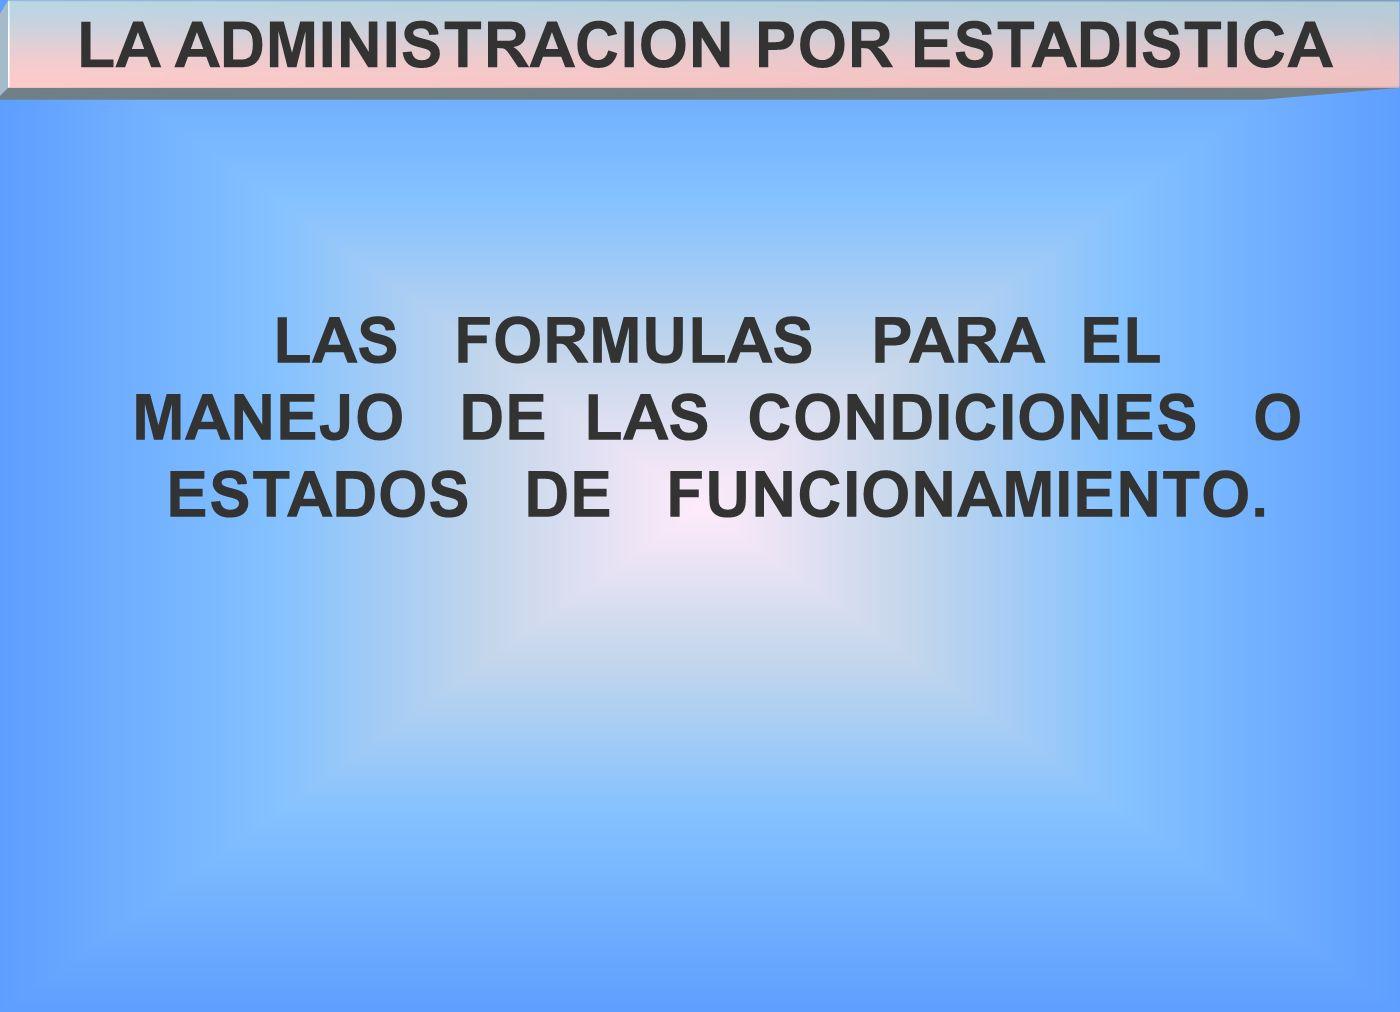 LA ADMINISTRACION POR ESTADISTICA LAS FORMULAS PARA EL MANEJO DE LAS CONDICIONES O ESTADOS DE FUNCIONAMIENTO.